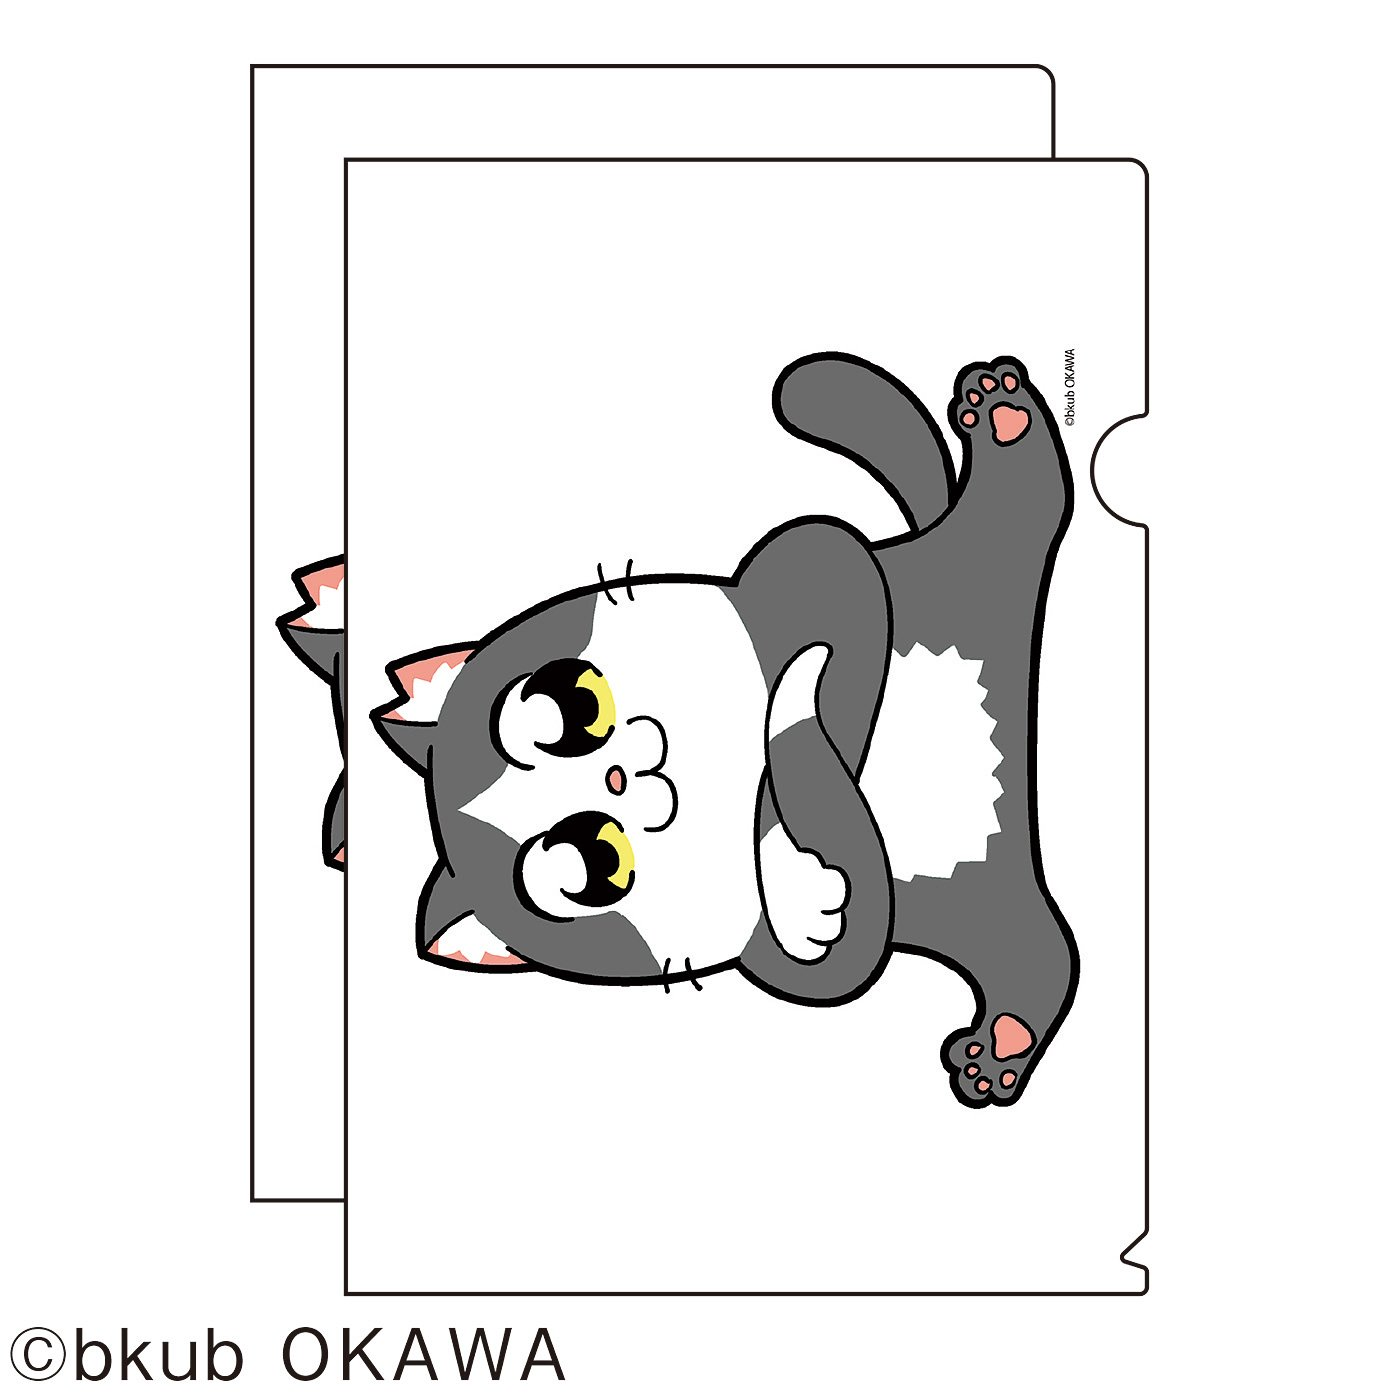 猫部×大川ぶくぶ 地域猫チャリティークリアファイル2019